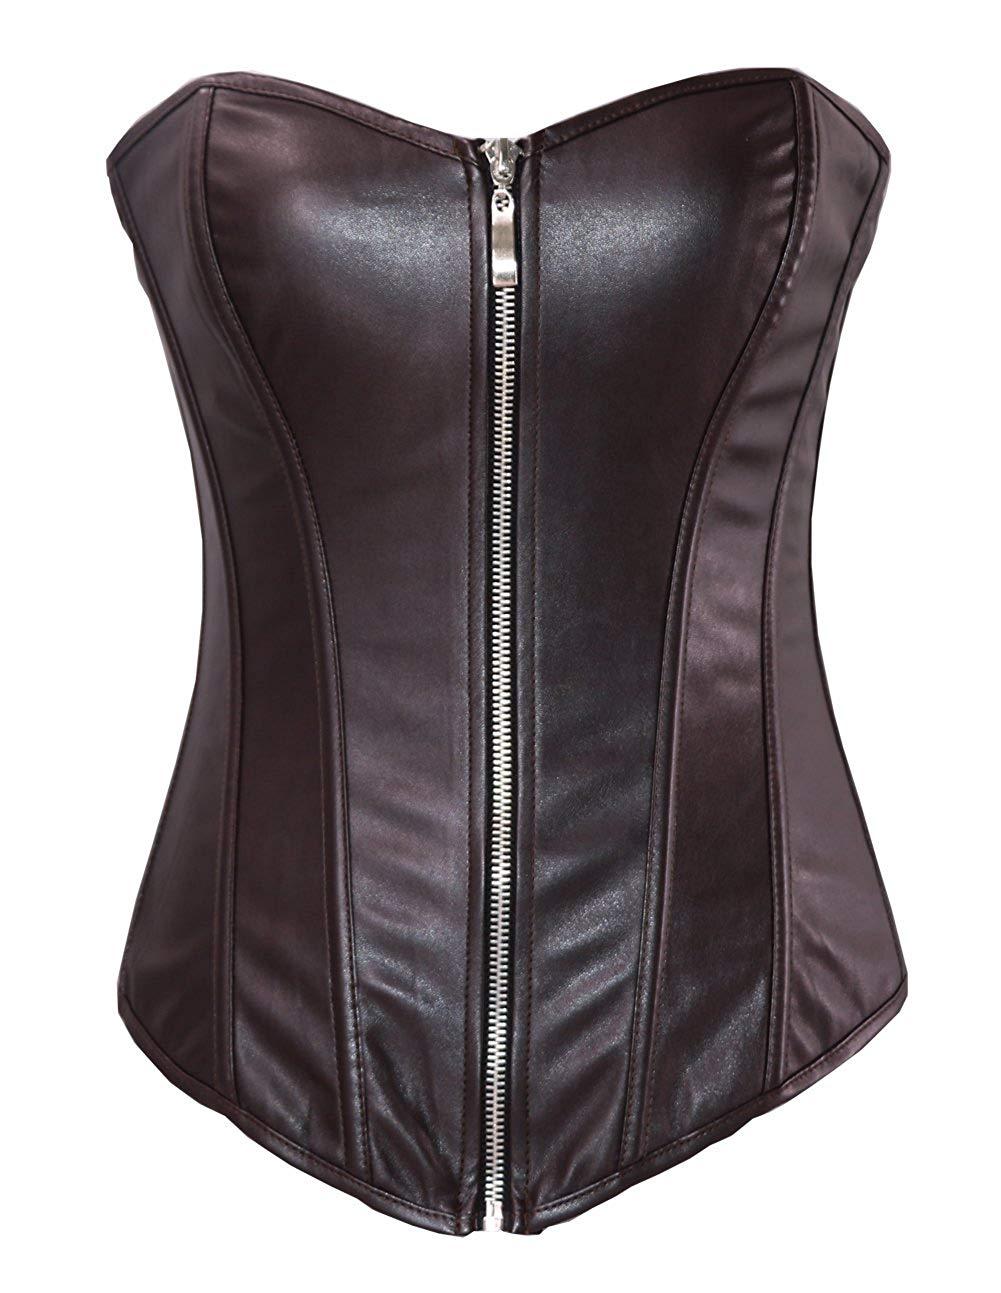 e00c007d068 Get Quotations · Lotsyle Women s Faux Leather Overbust Corset Lace up Back  Bustier (2XL Waist 33